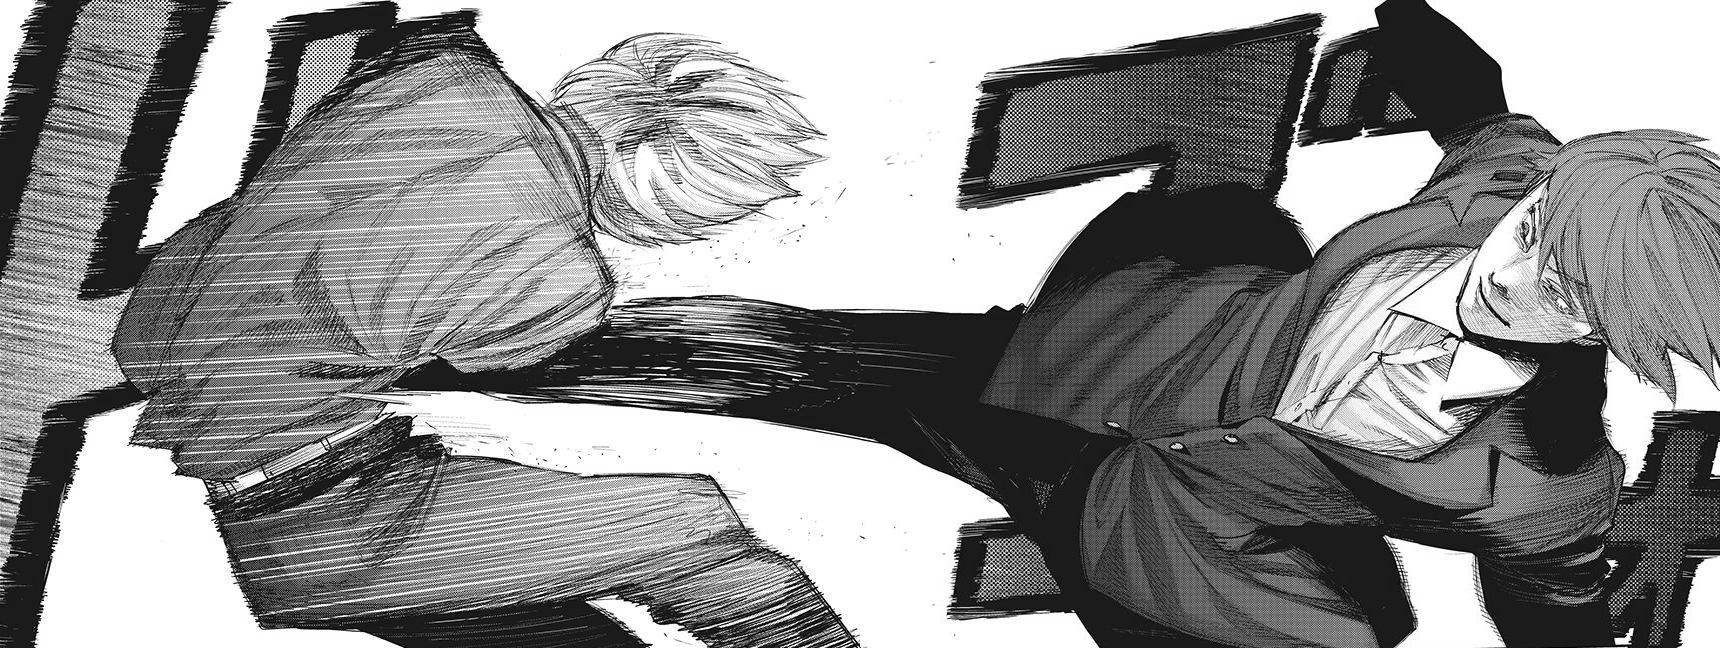 Datei:Tsukiyama kicks Sasaki.png